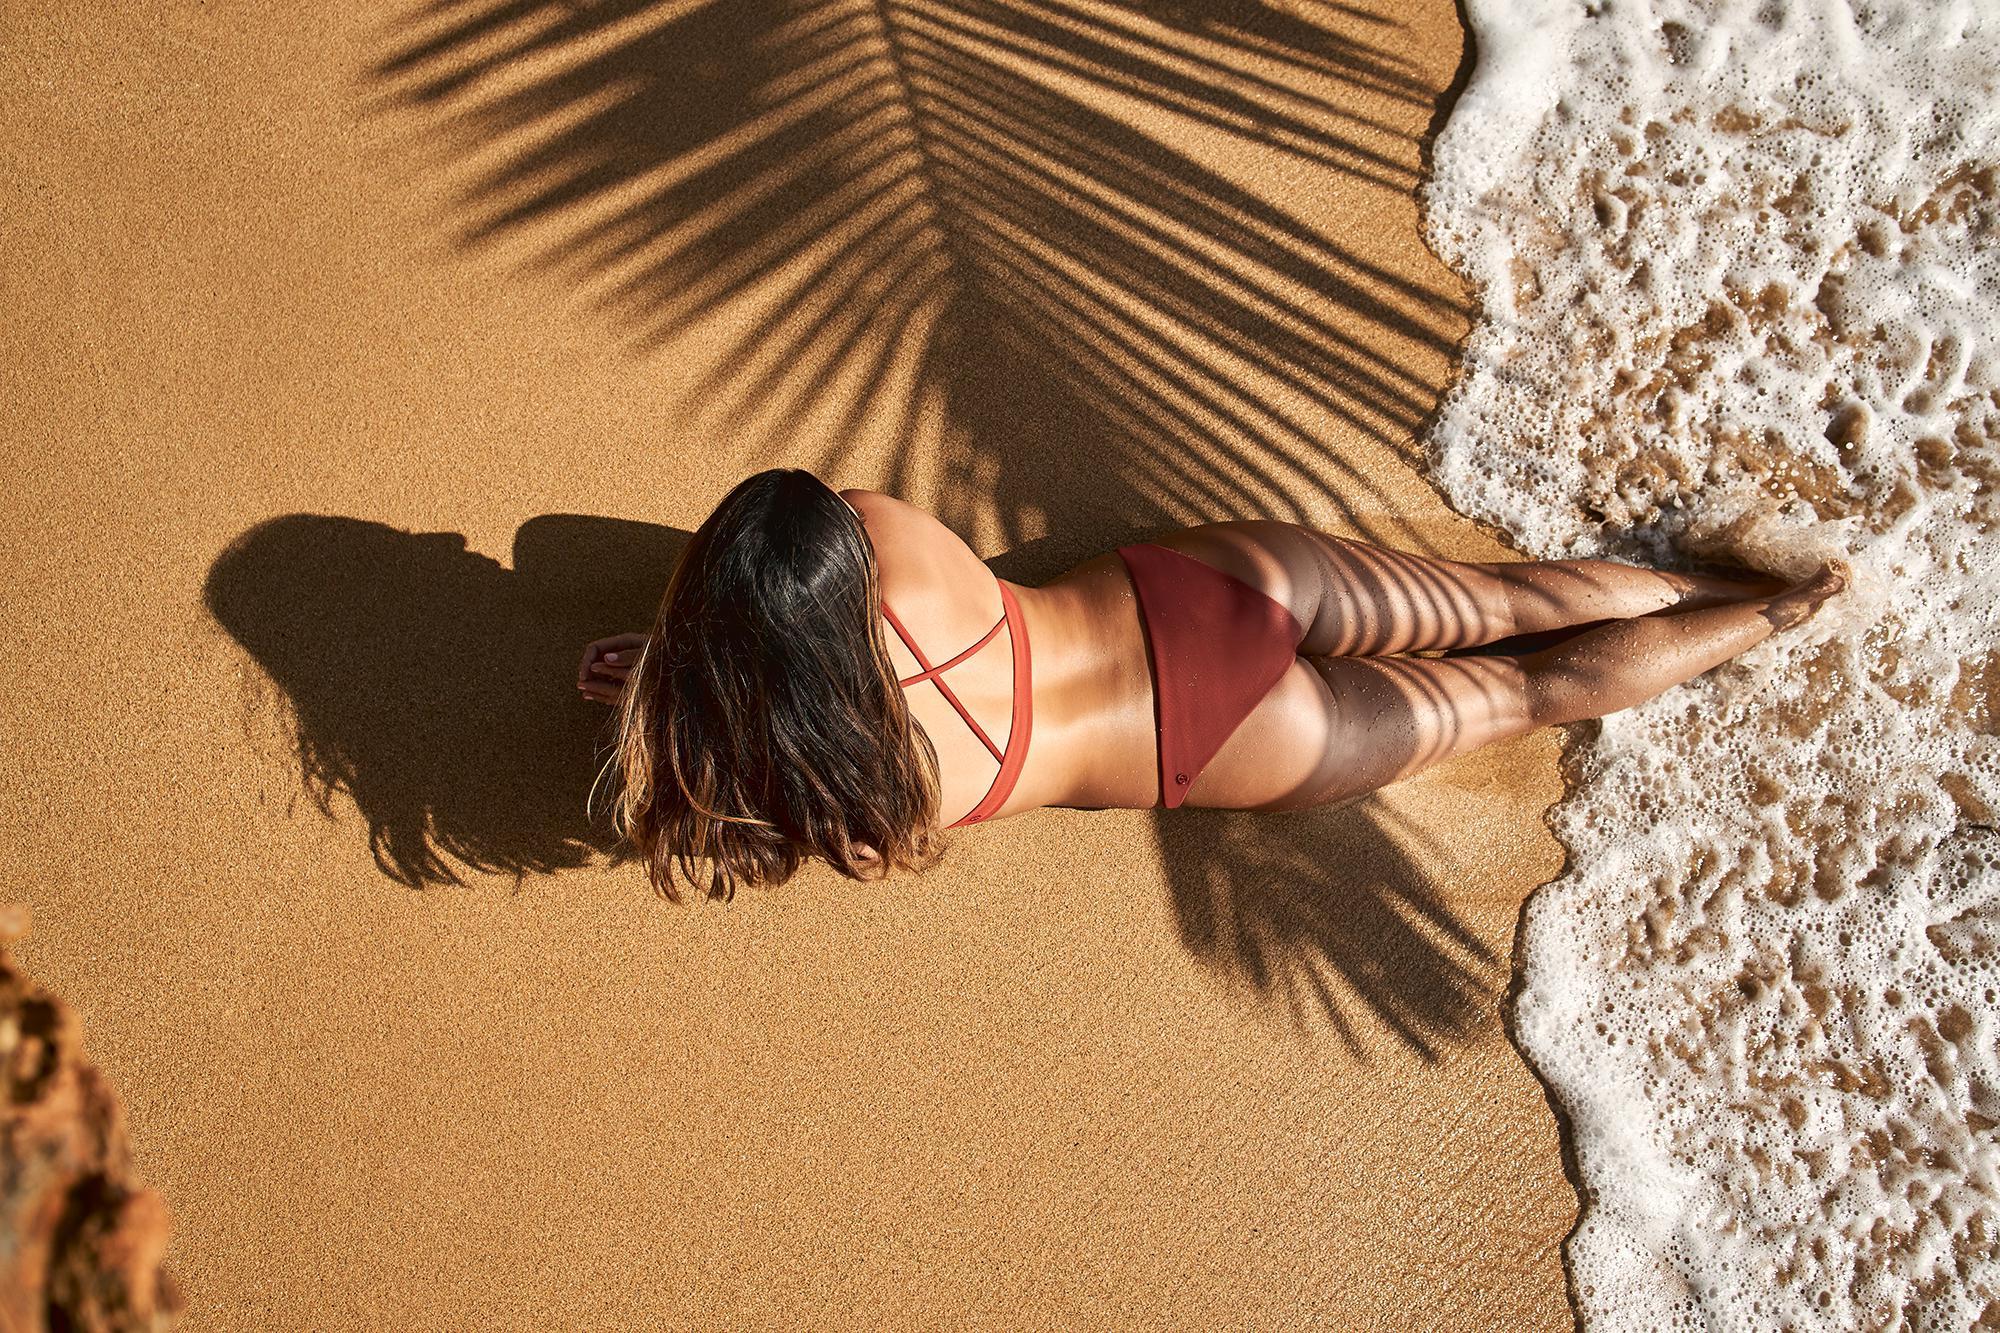 自在畅游 泳者无畏:lululemon推出全新夏日泳装系列|泳装